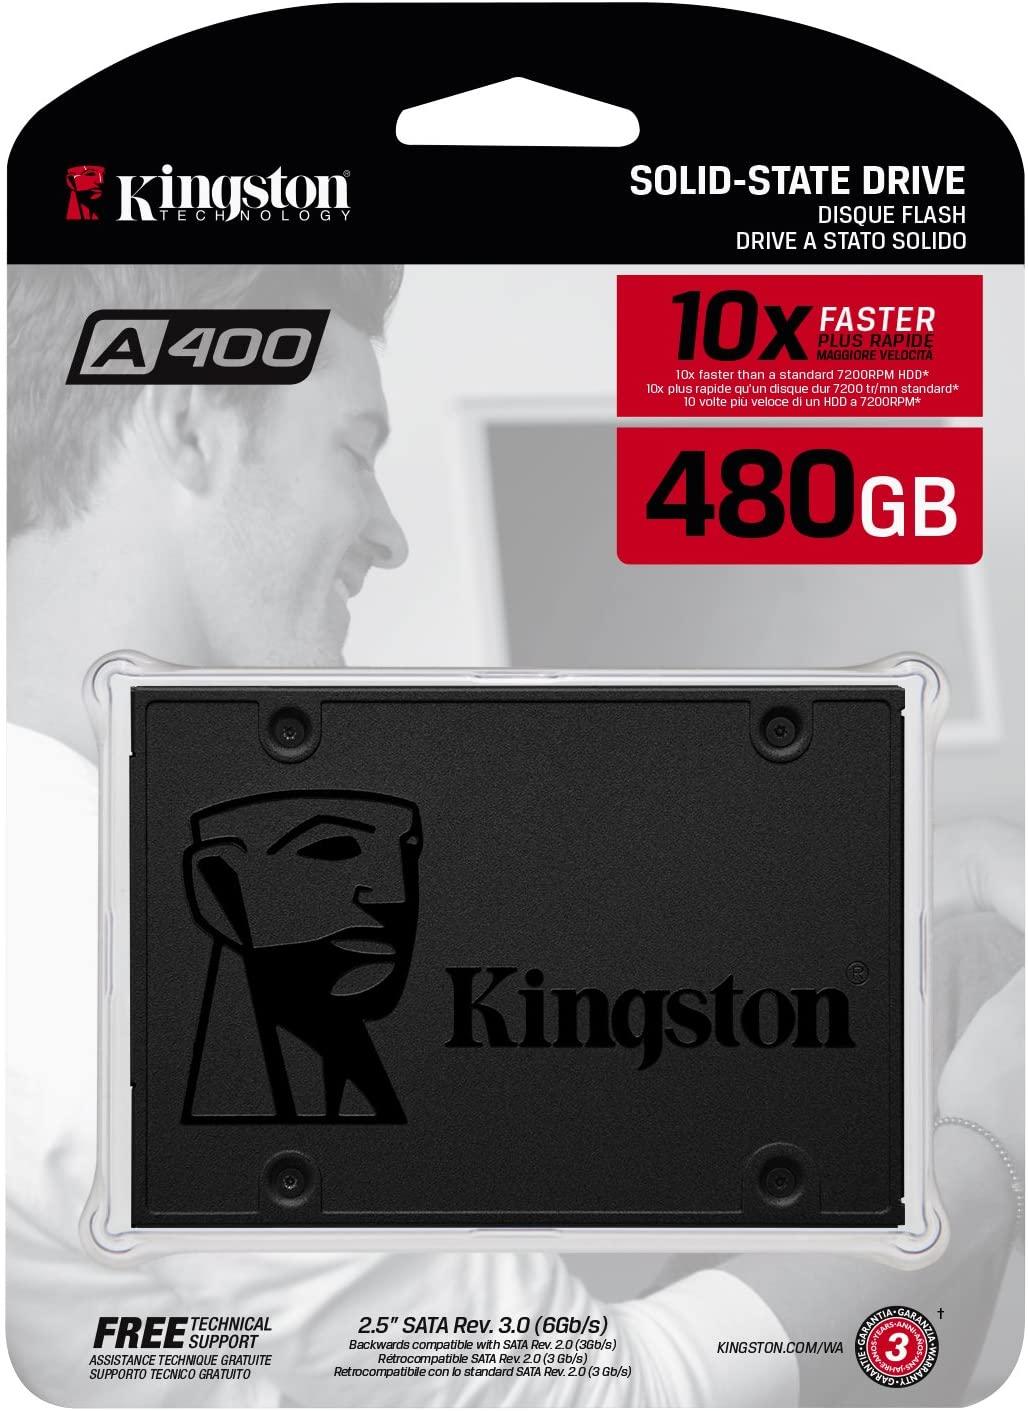 403355.jpg